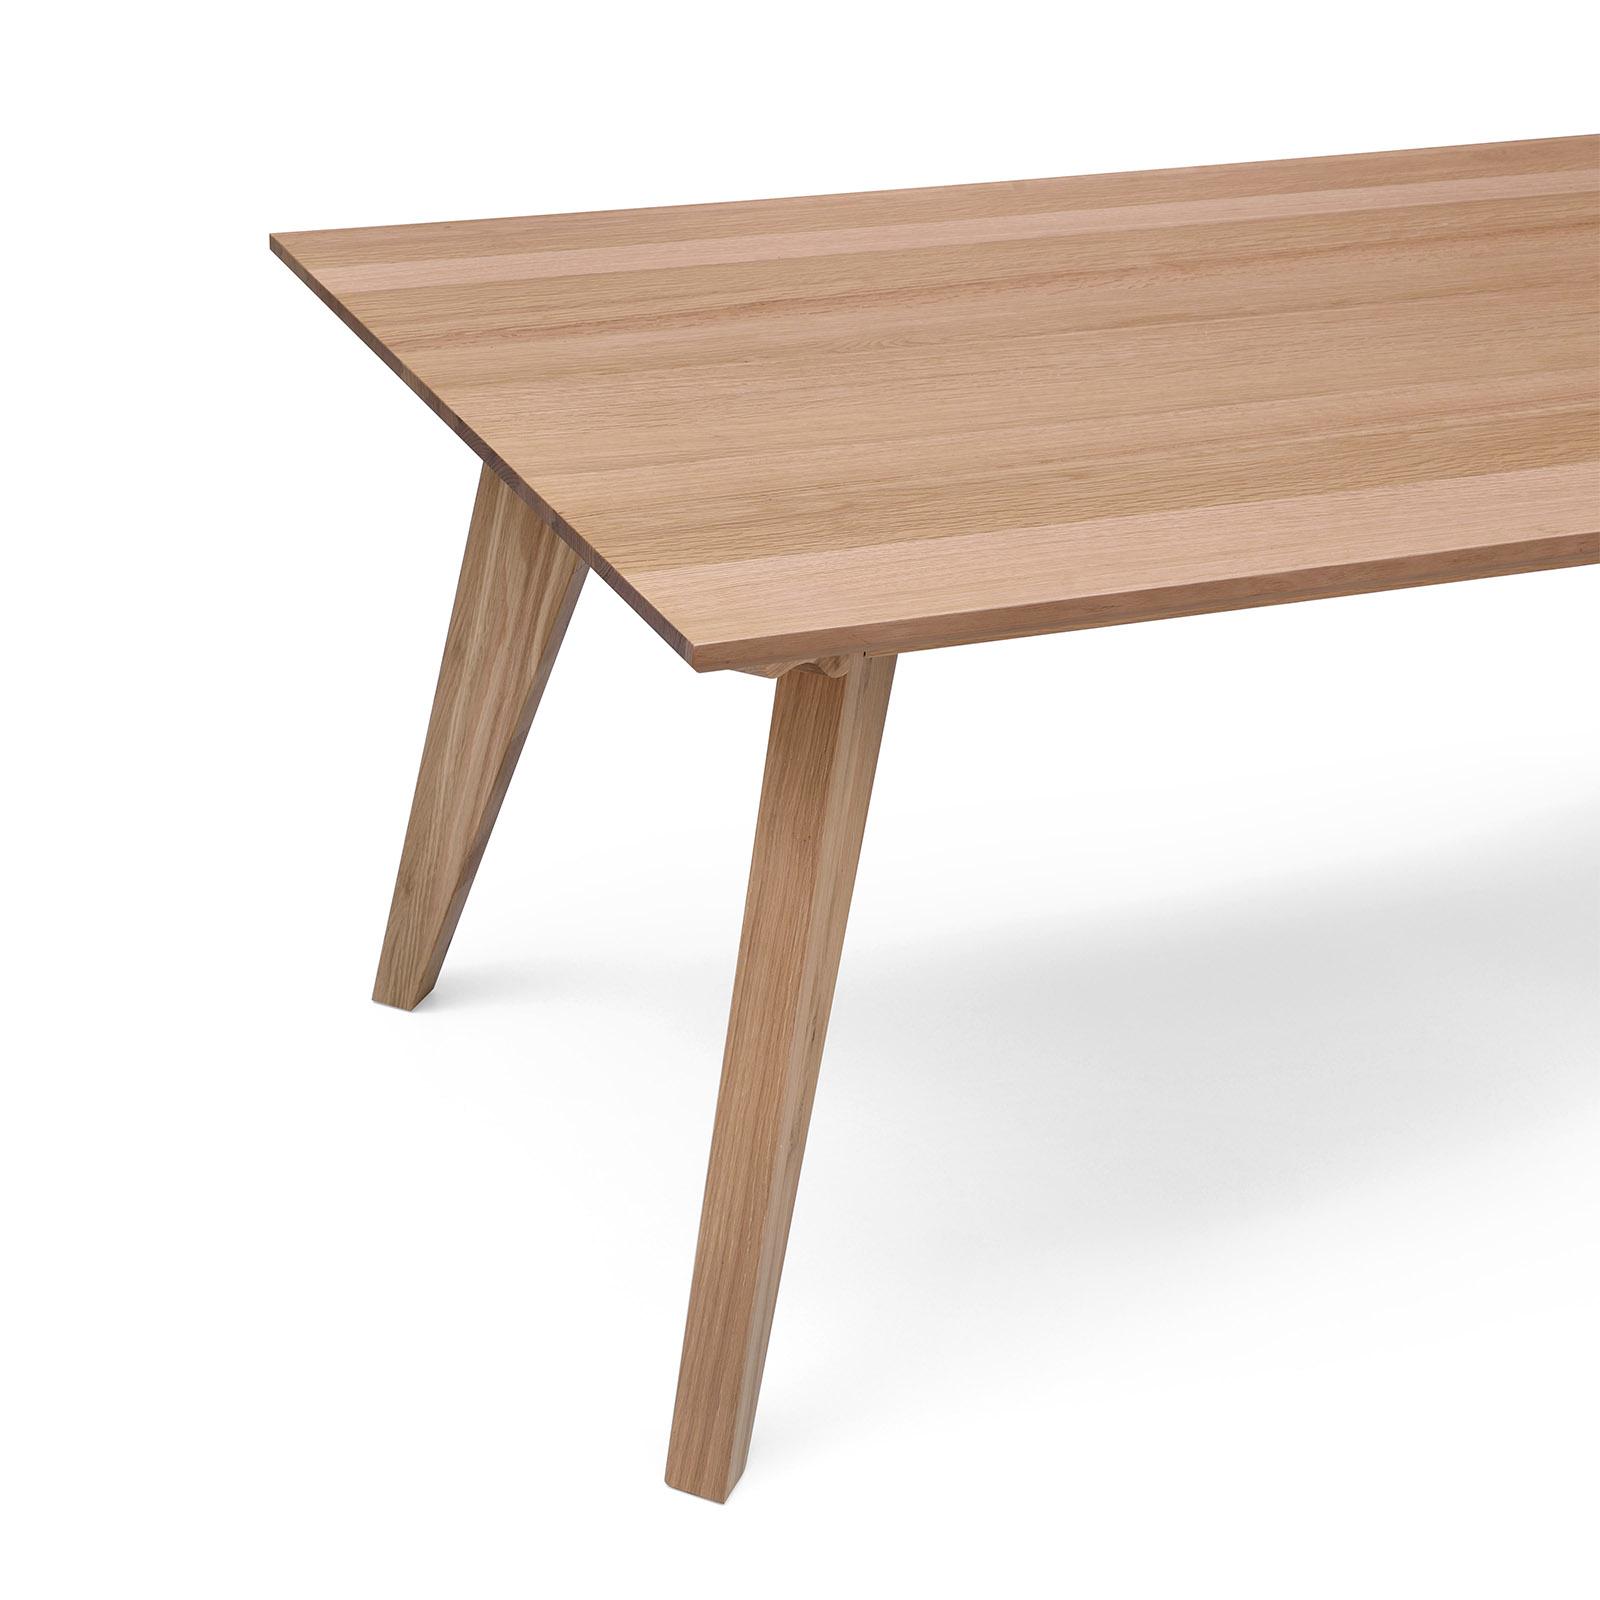 Alison white oak natural veneer m dining table modern